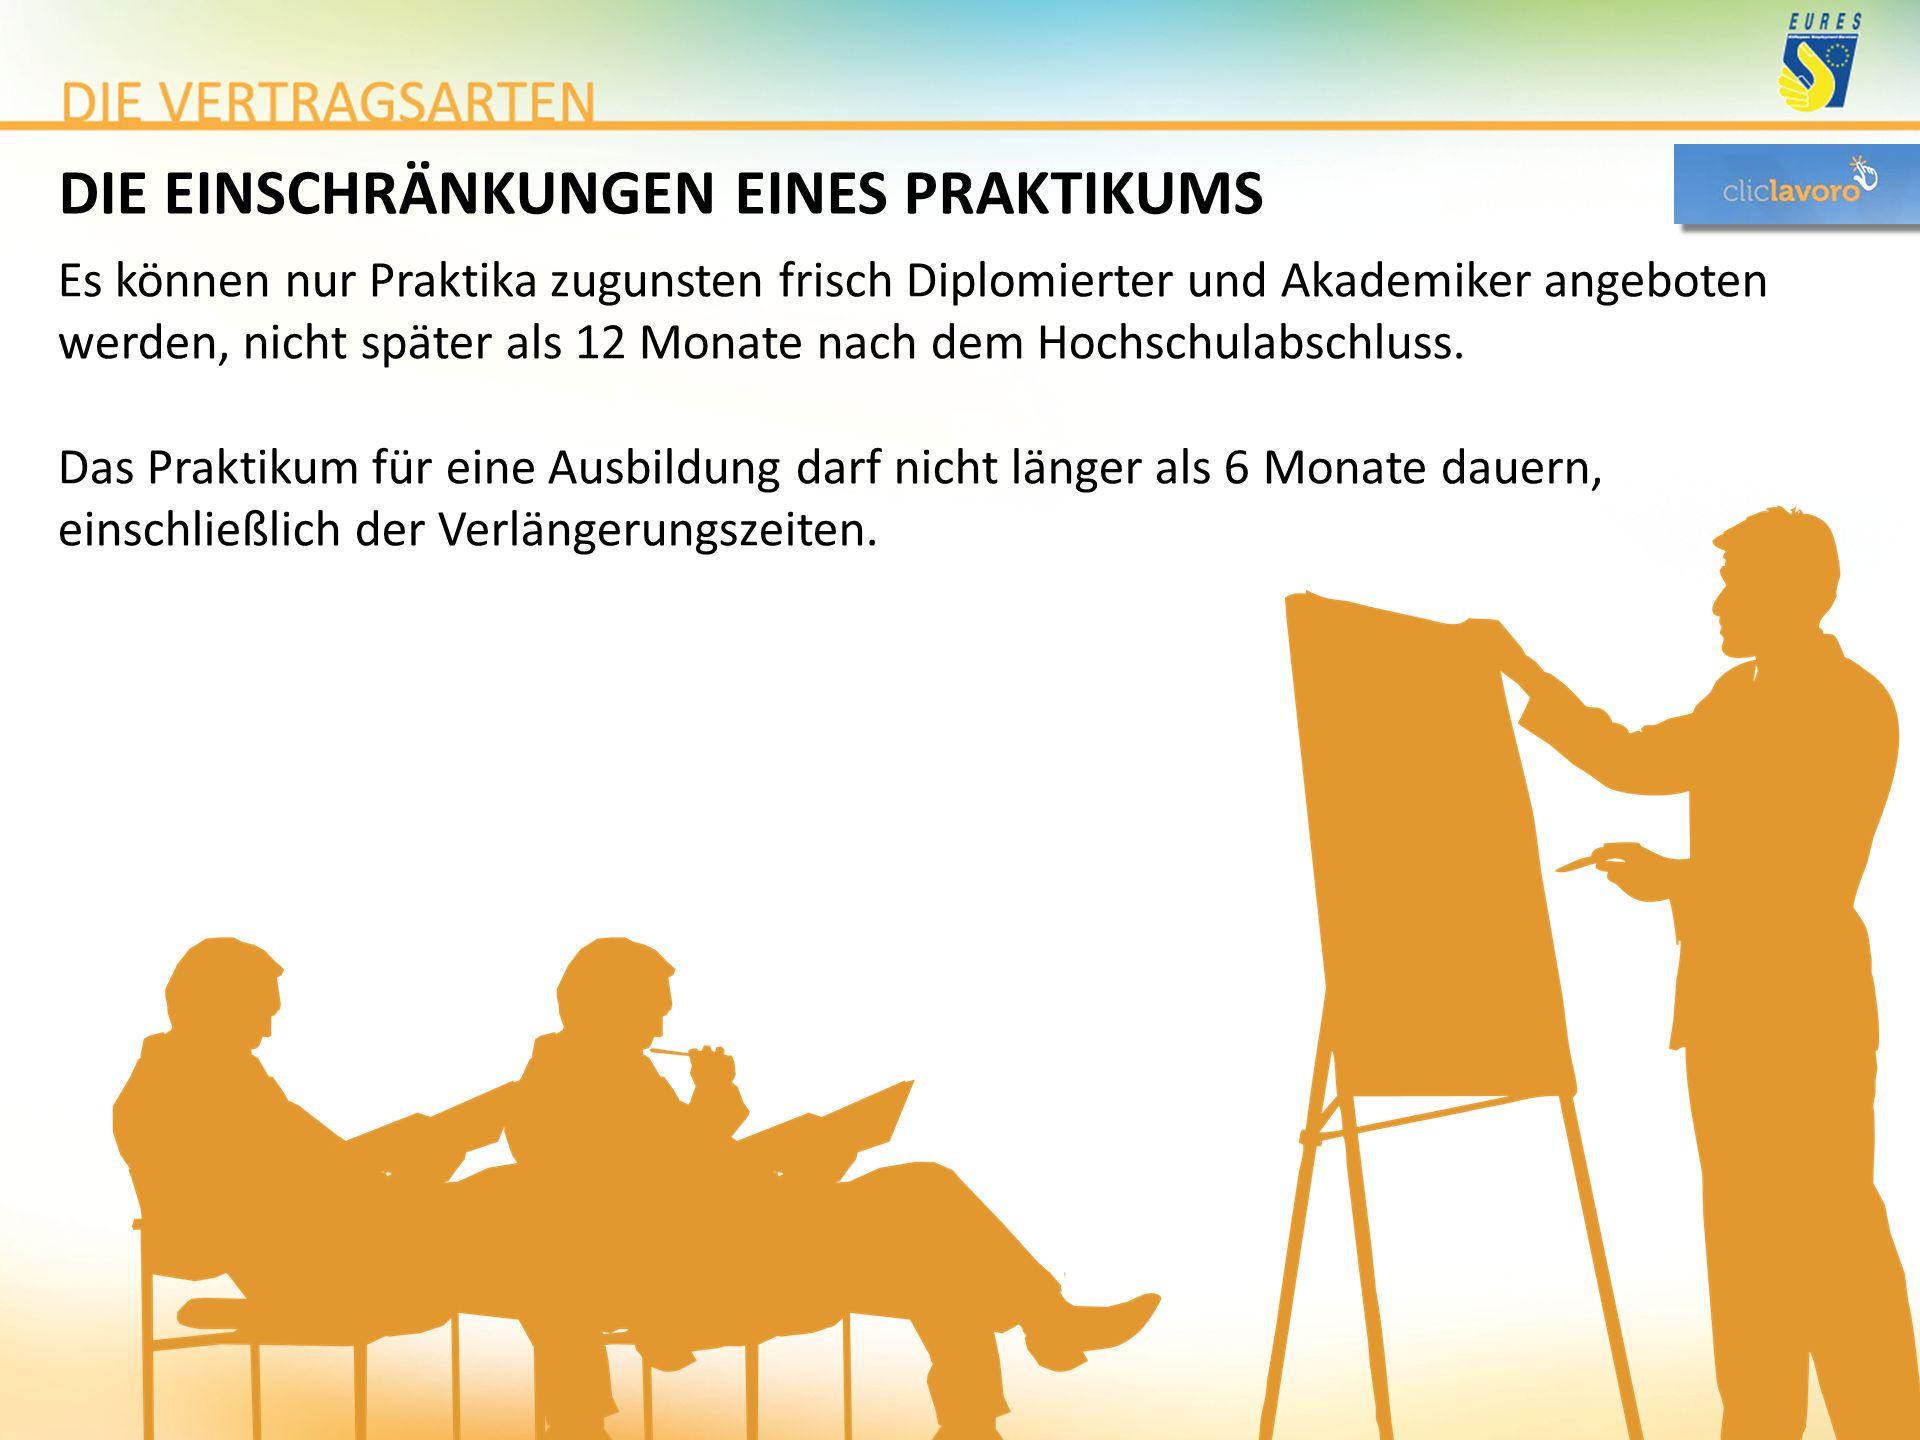 Wunderbar Ziel Im Lebenslauf Für Frisch Diplomierte ...